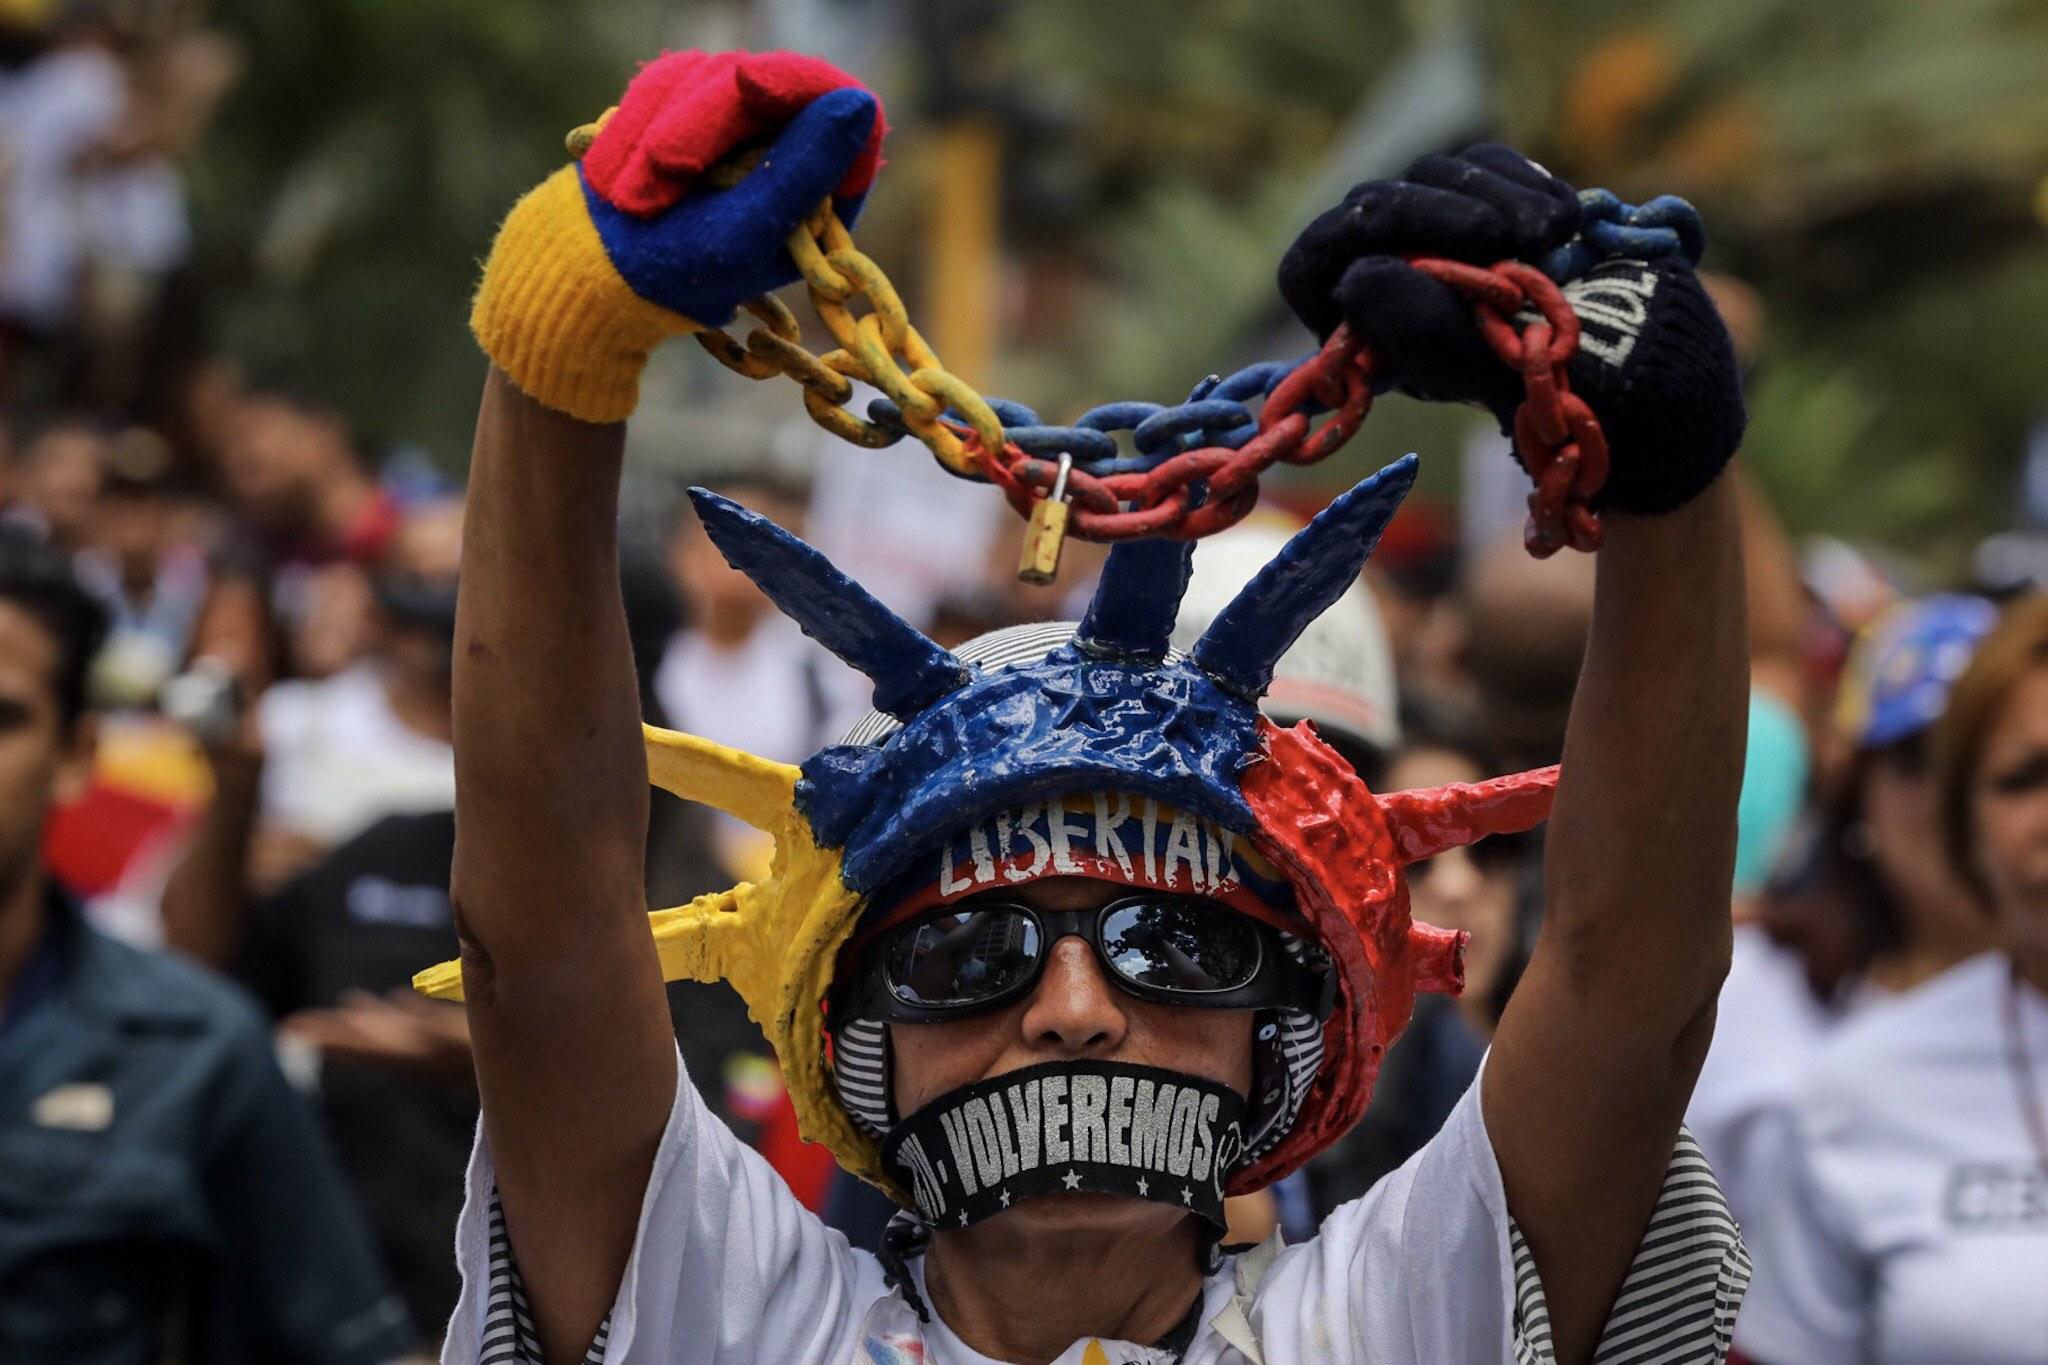 Brasil reitera preocupação com escalada de tensão na Venezuela